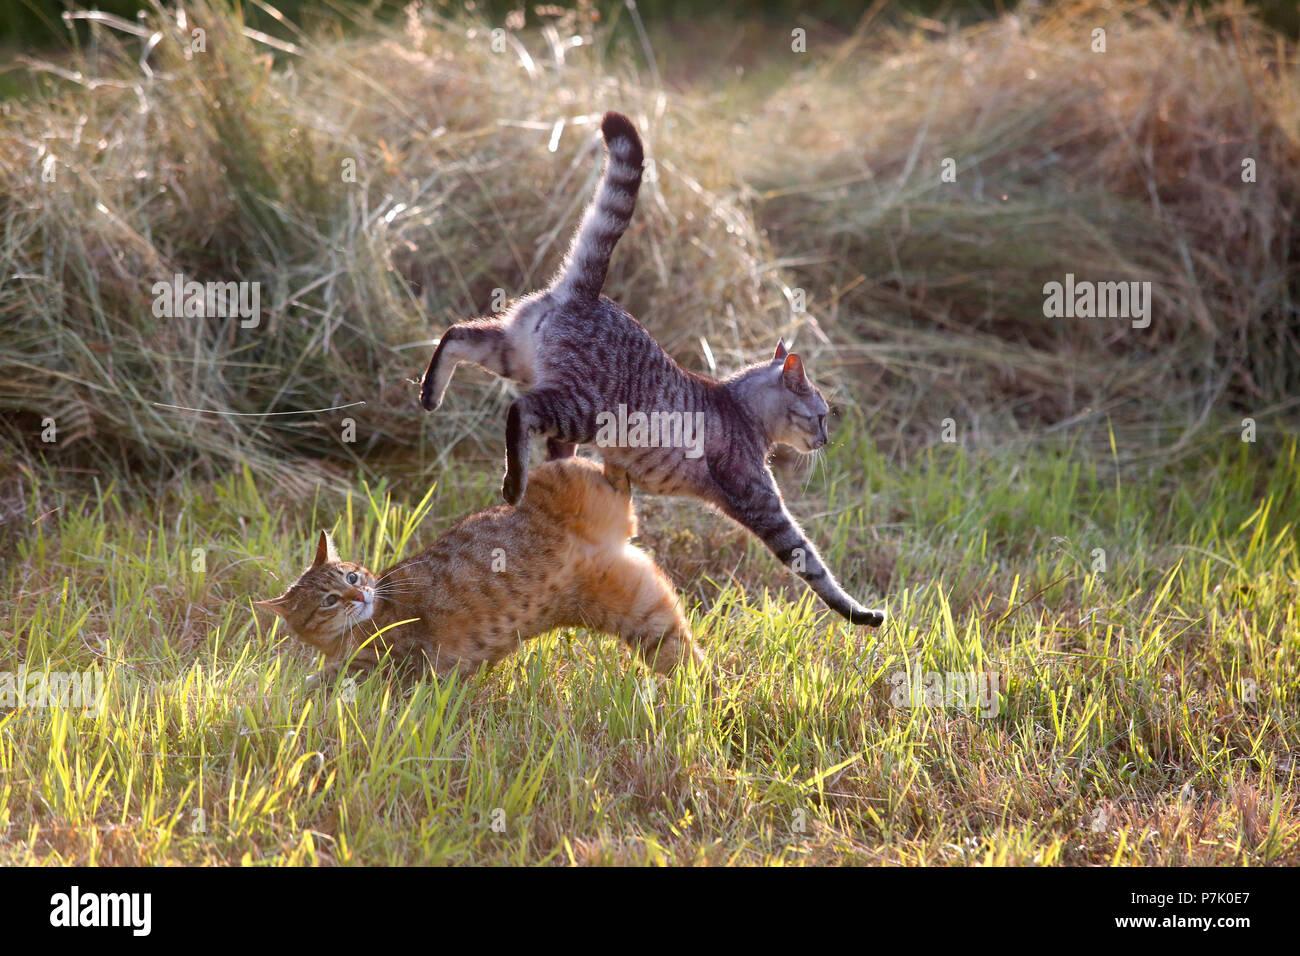 Los gatos domésticos jugando entre la hierba cortada. Imagen De Stock